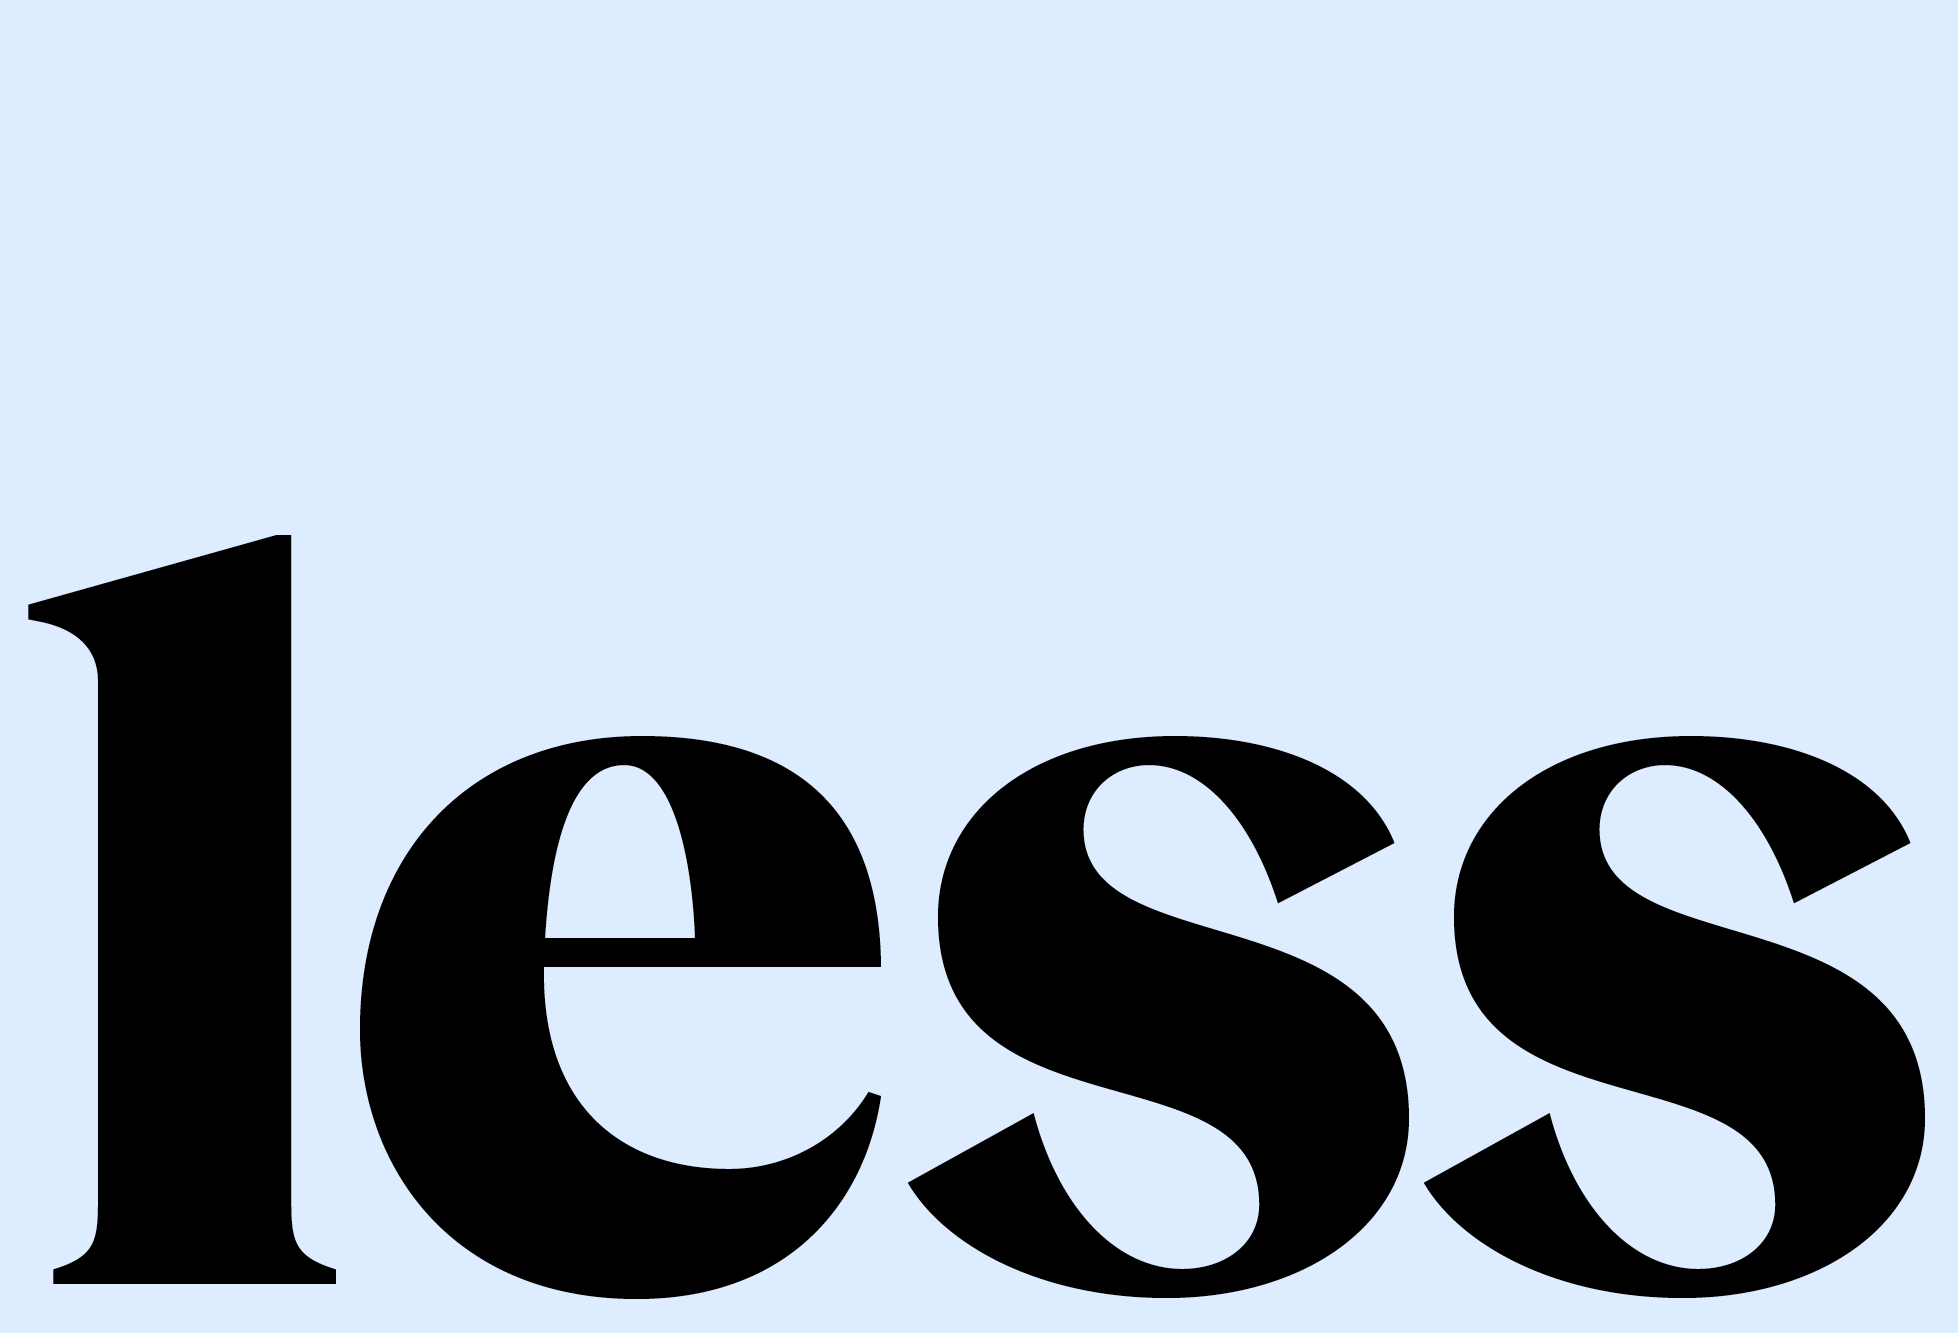 Reckless Neue Heavy (Details)